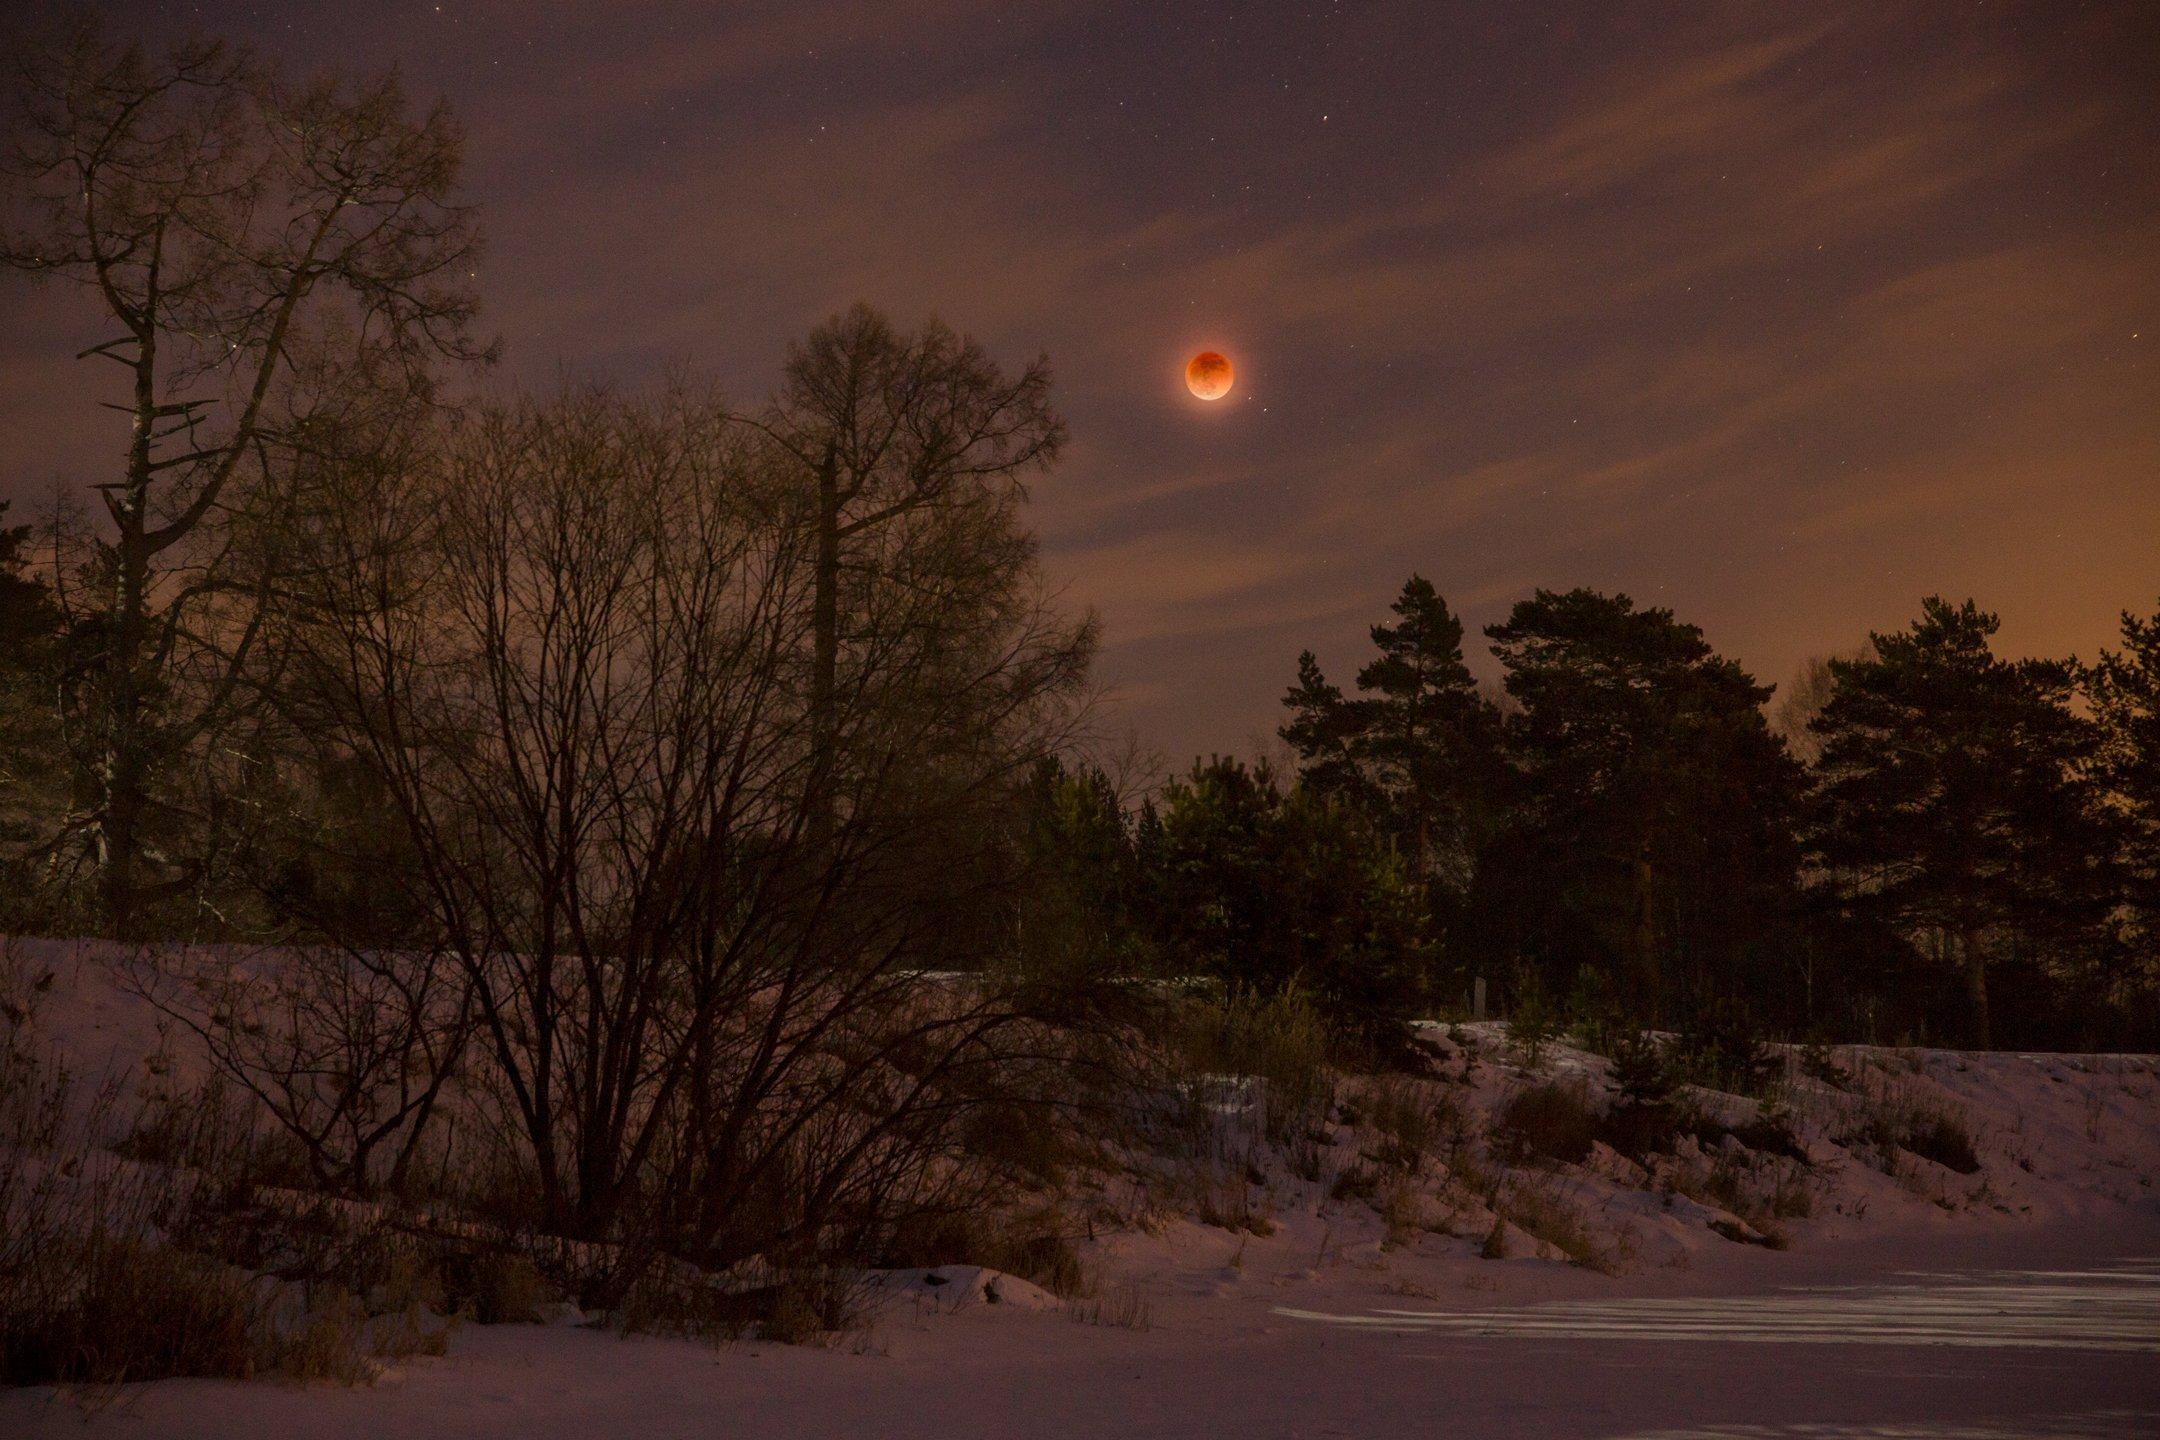 ночь, луна, затмение, звезды, облака, деревья, река, зима, снег, река, антон селезнев, Антон Селезнев